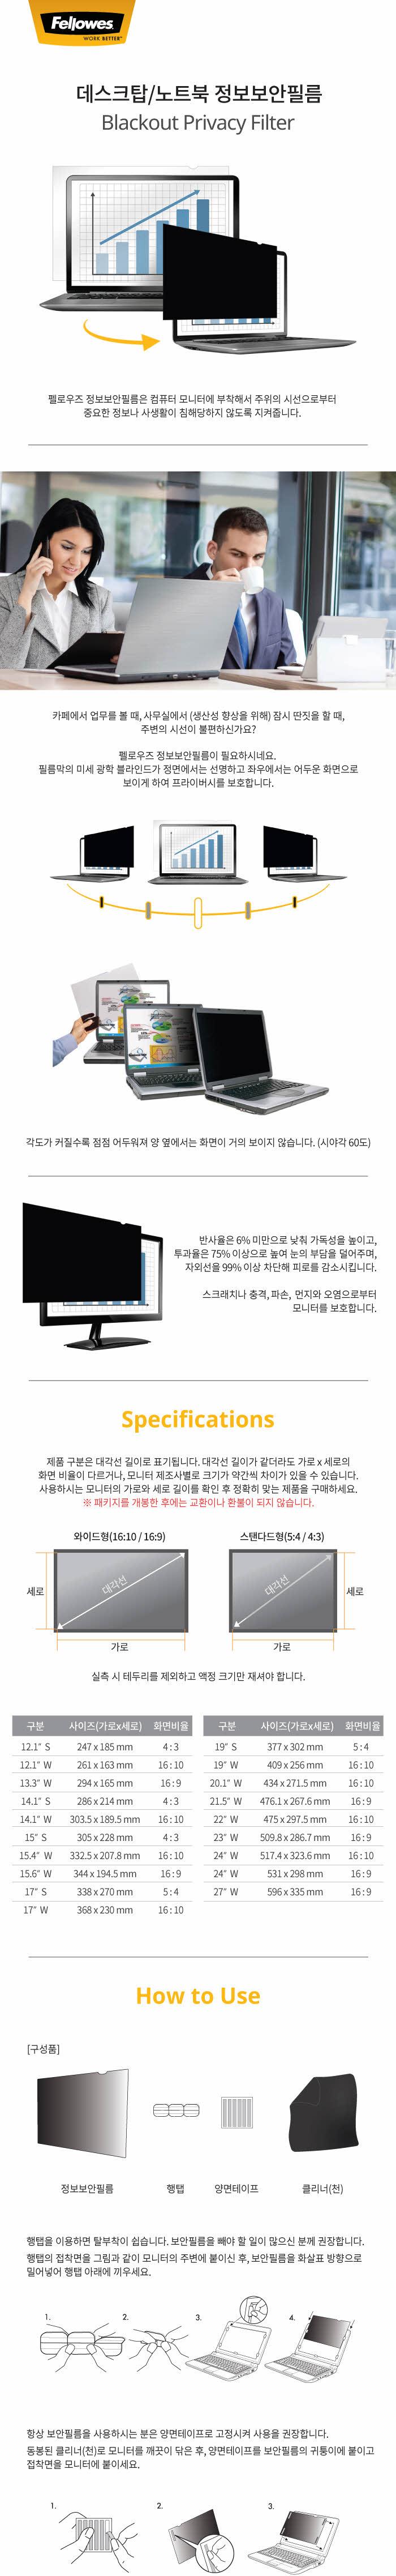 펠로우즈 컴퓨터 모니터 정보보안필터 21.5인치 - 펠로우즈, 149,600원, 문서/서류 정리, 파일/책꽂이